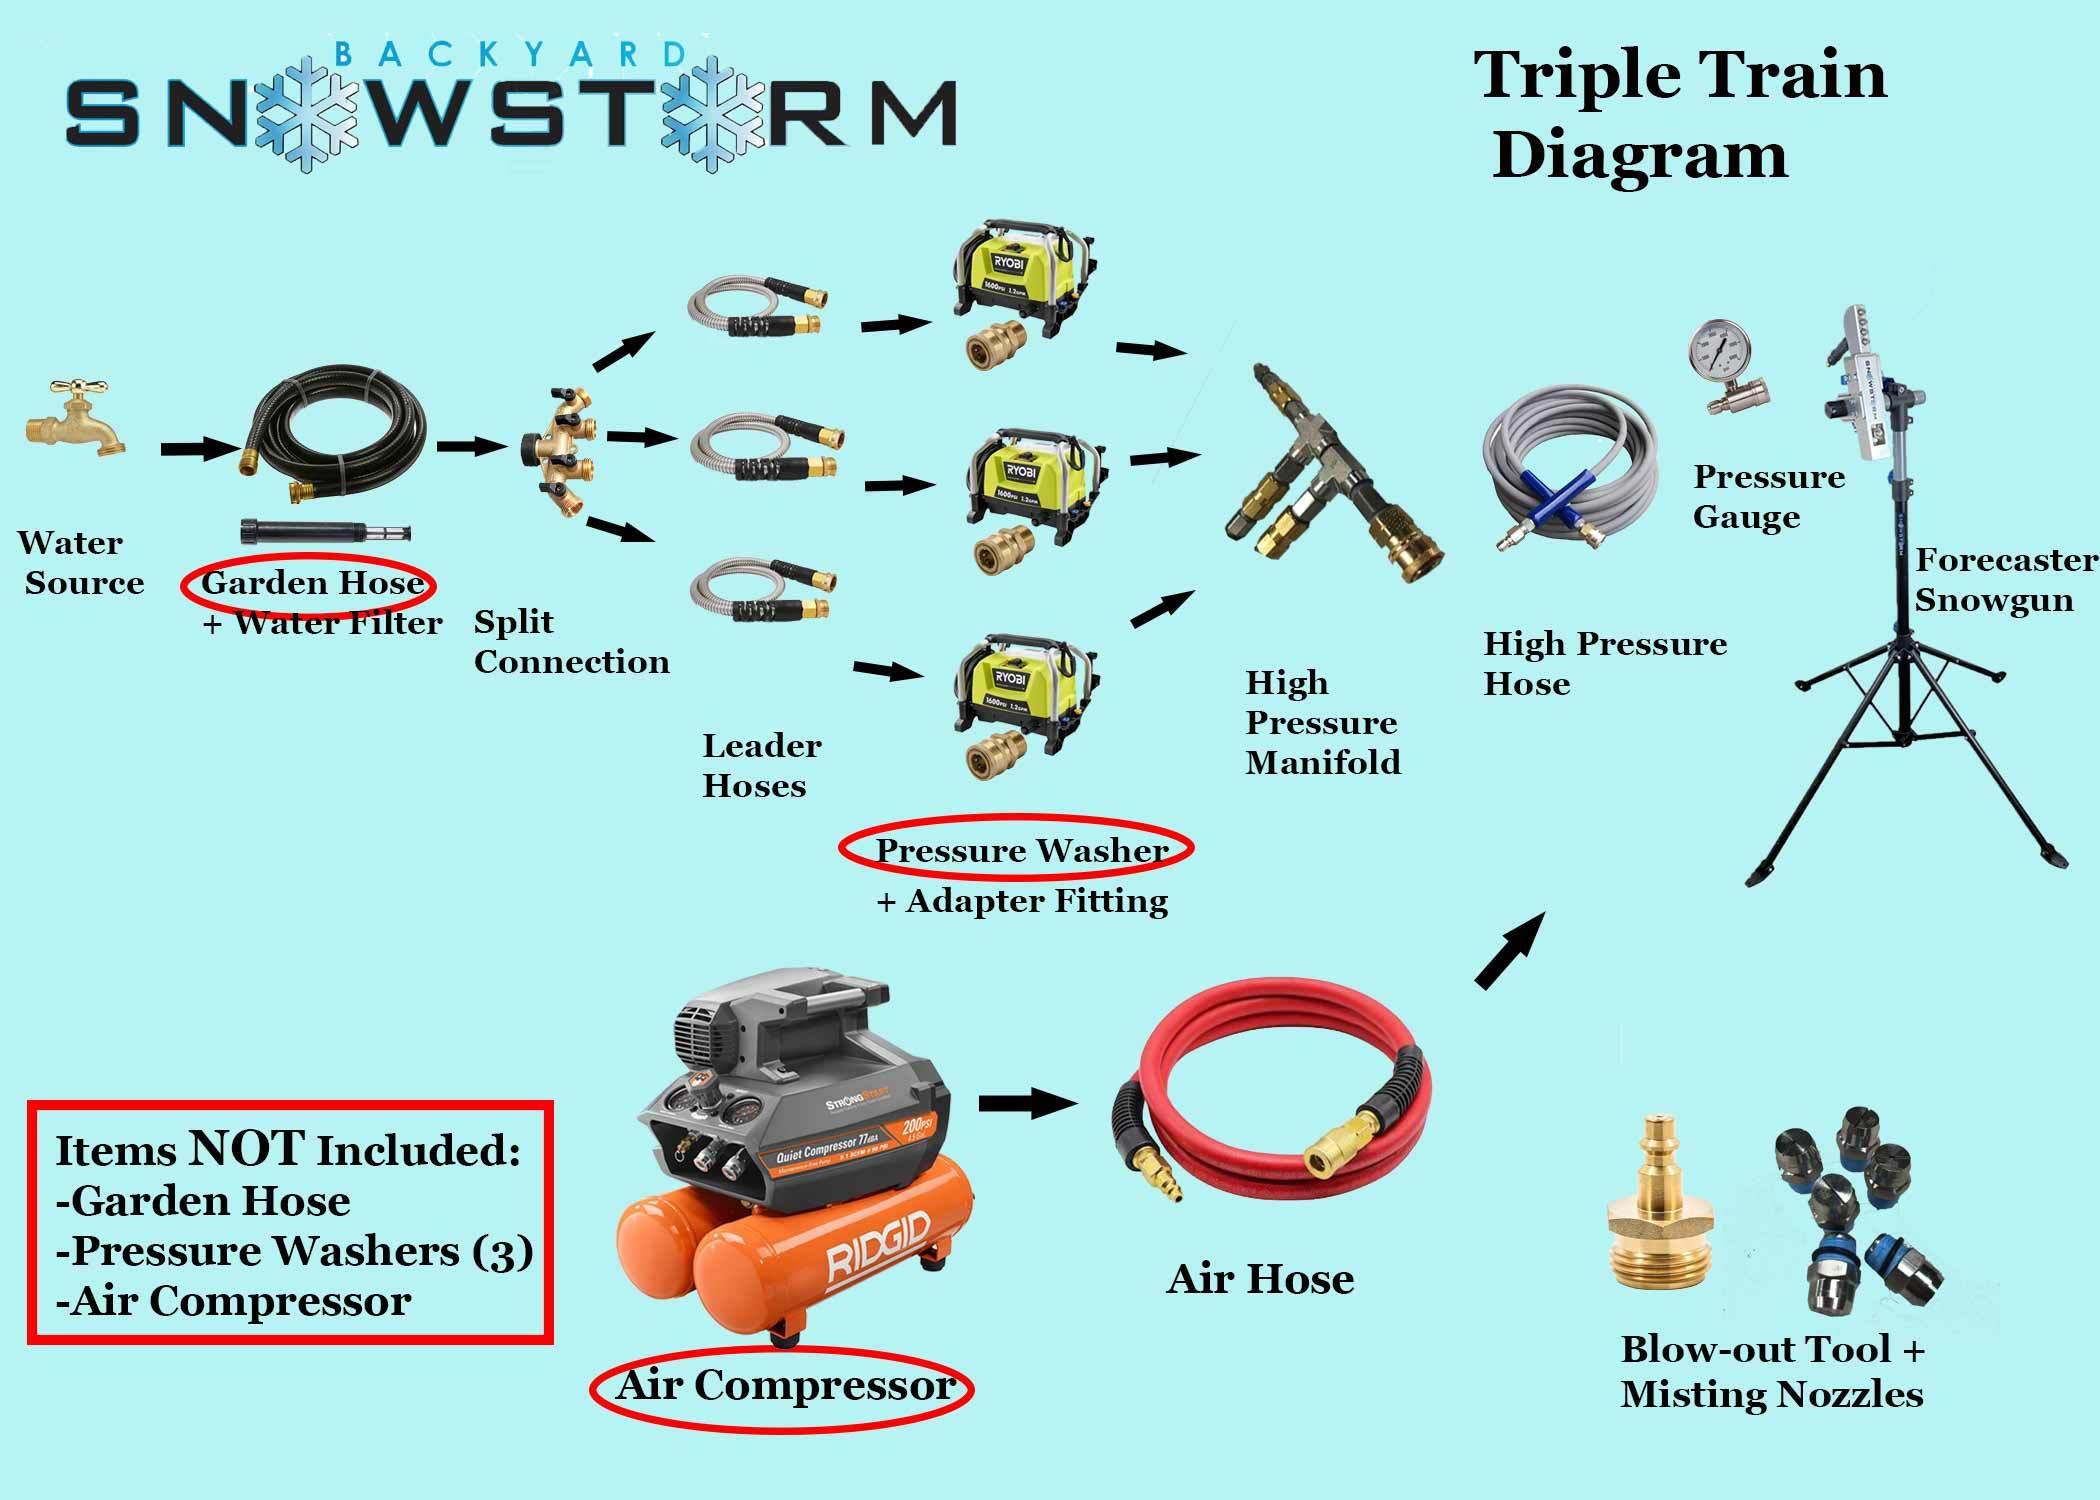 Triple Train Package